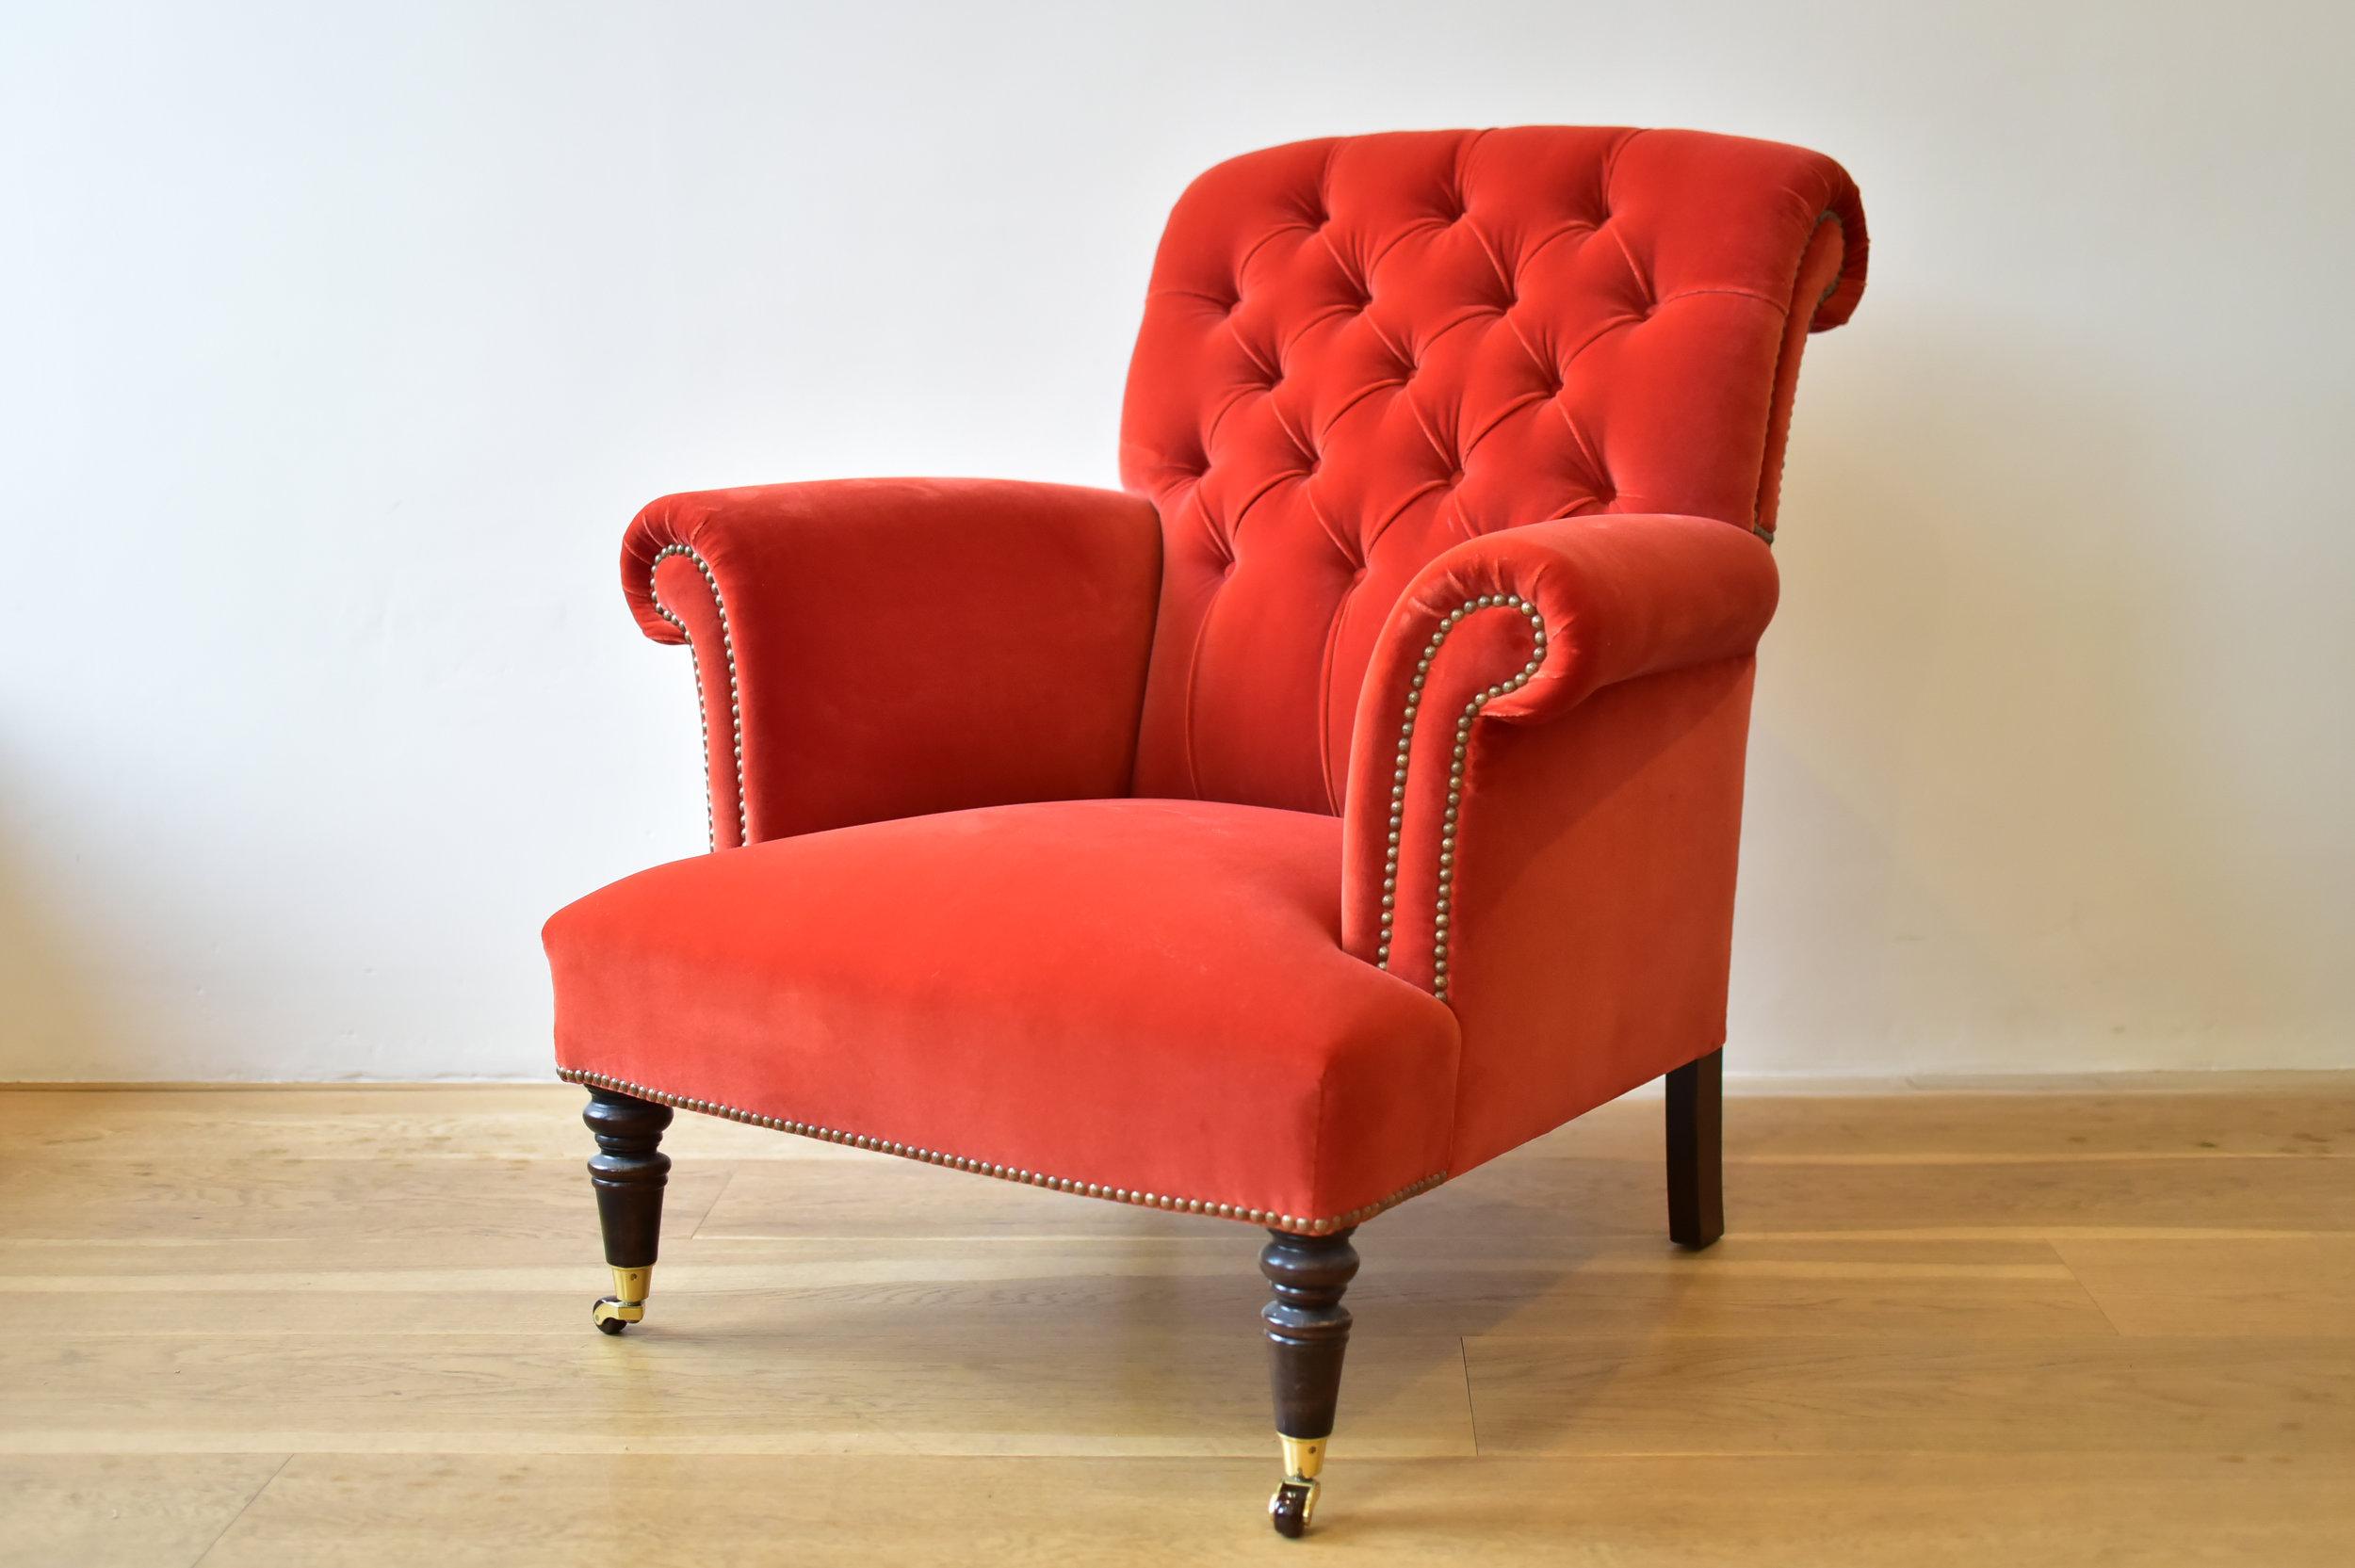 Barony Chair